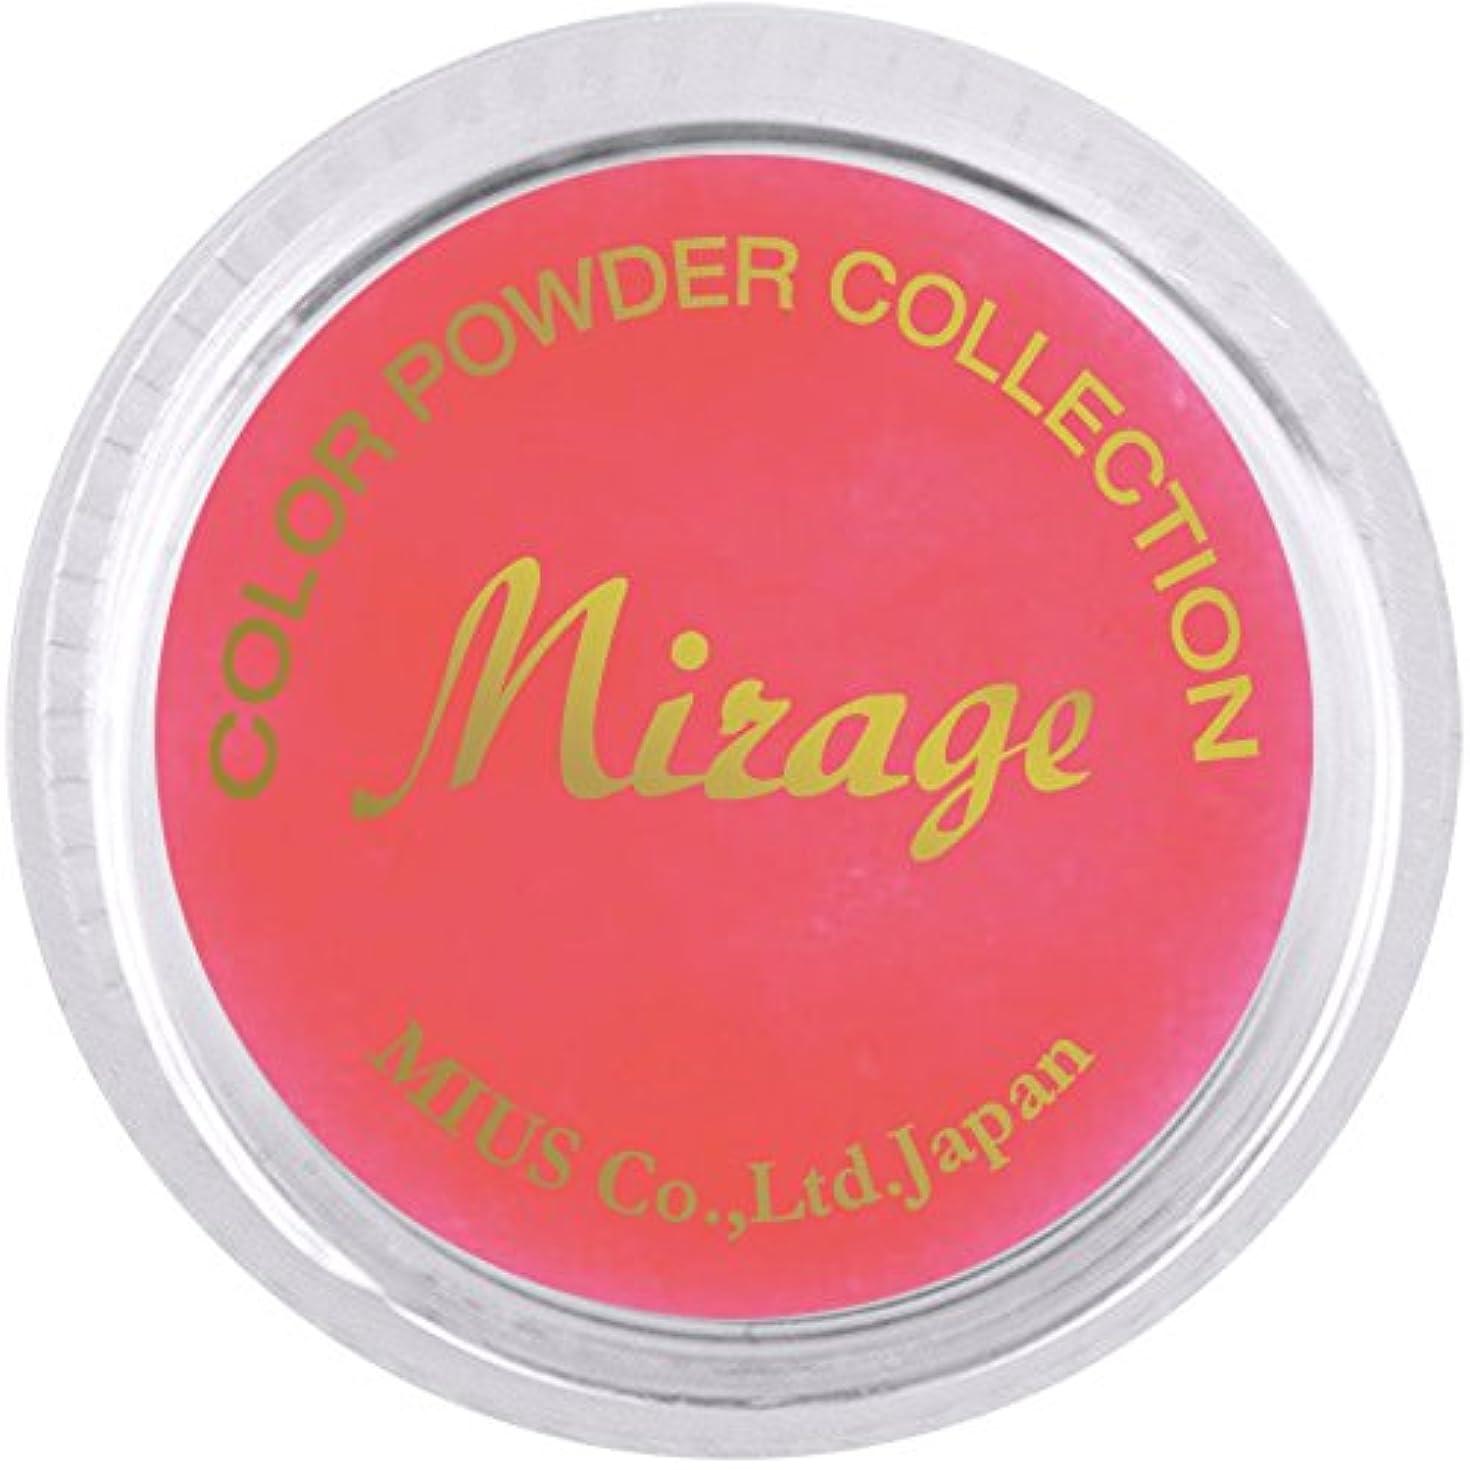 だますバイナリ啓示ミラージュ カラーパウダー N/CPS-7  7g  アクリルパウダー 色鮮やかな蛍光スタンダードカラー